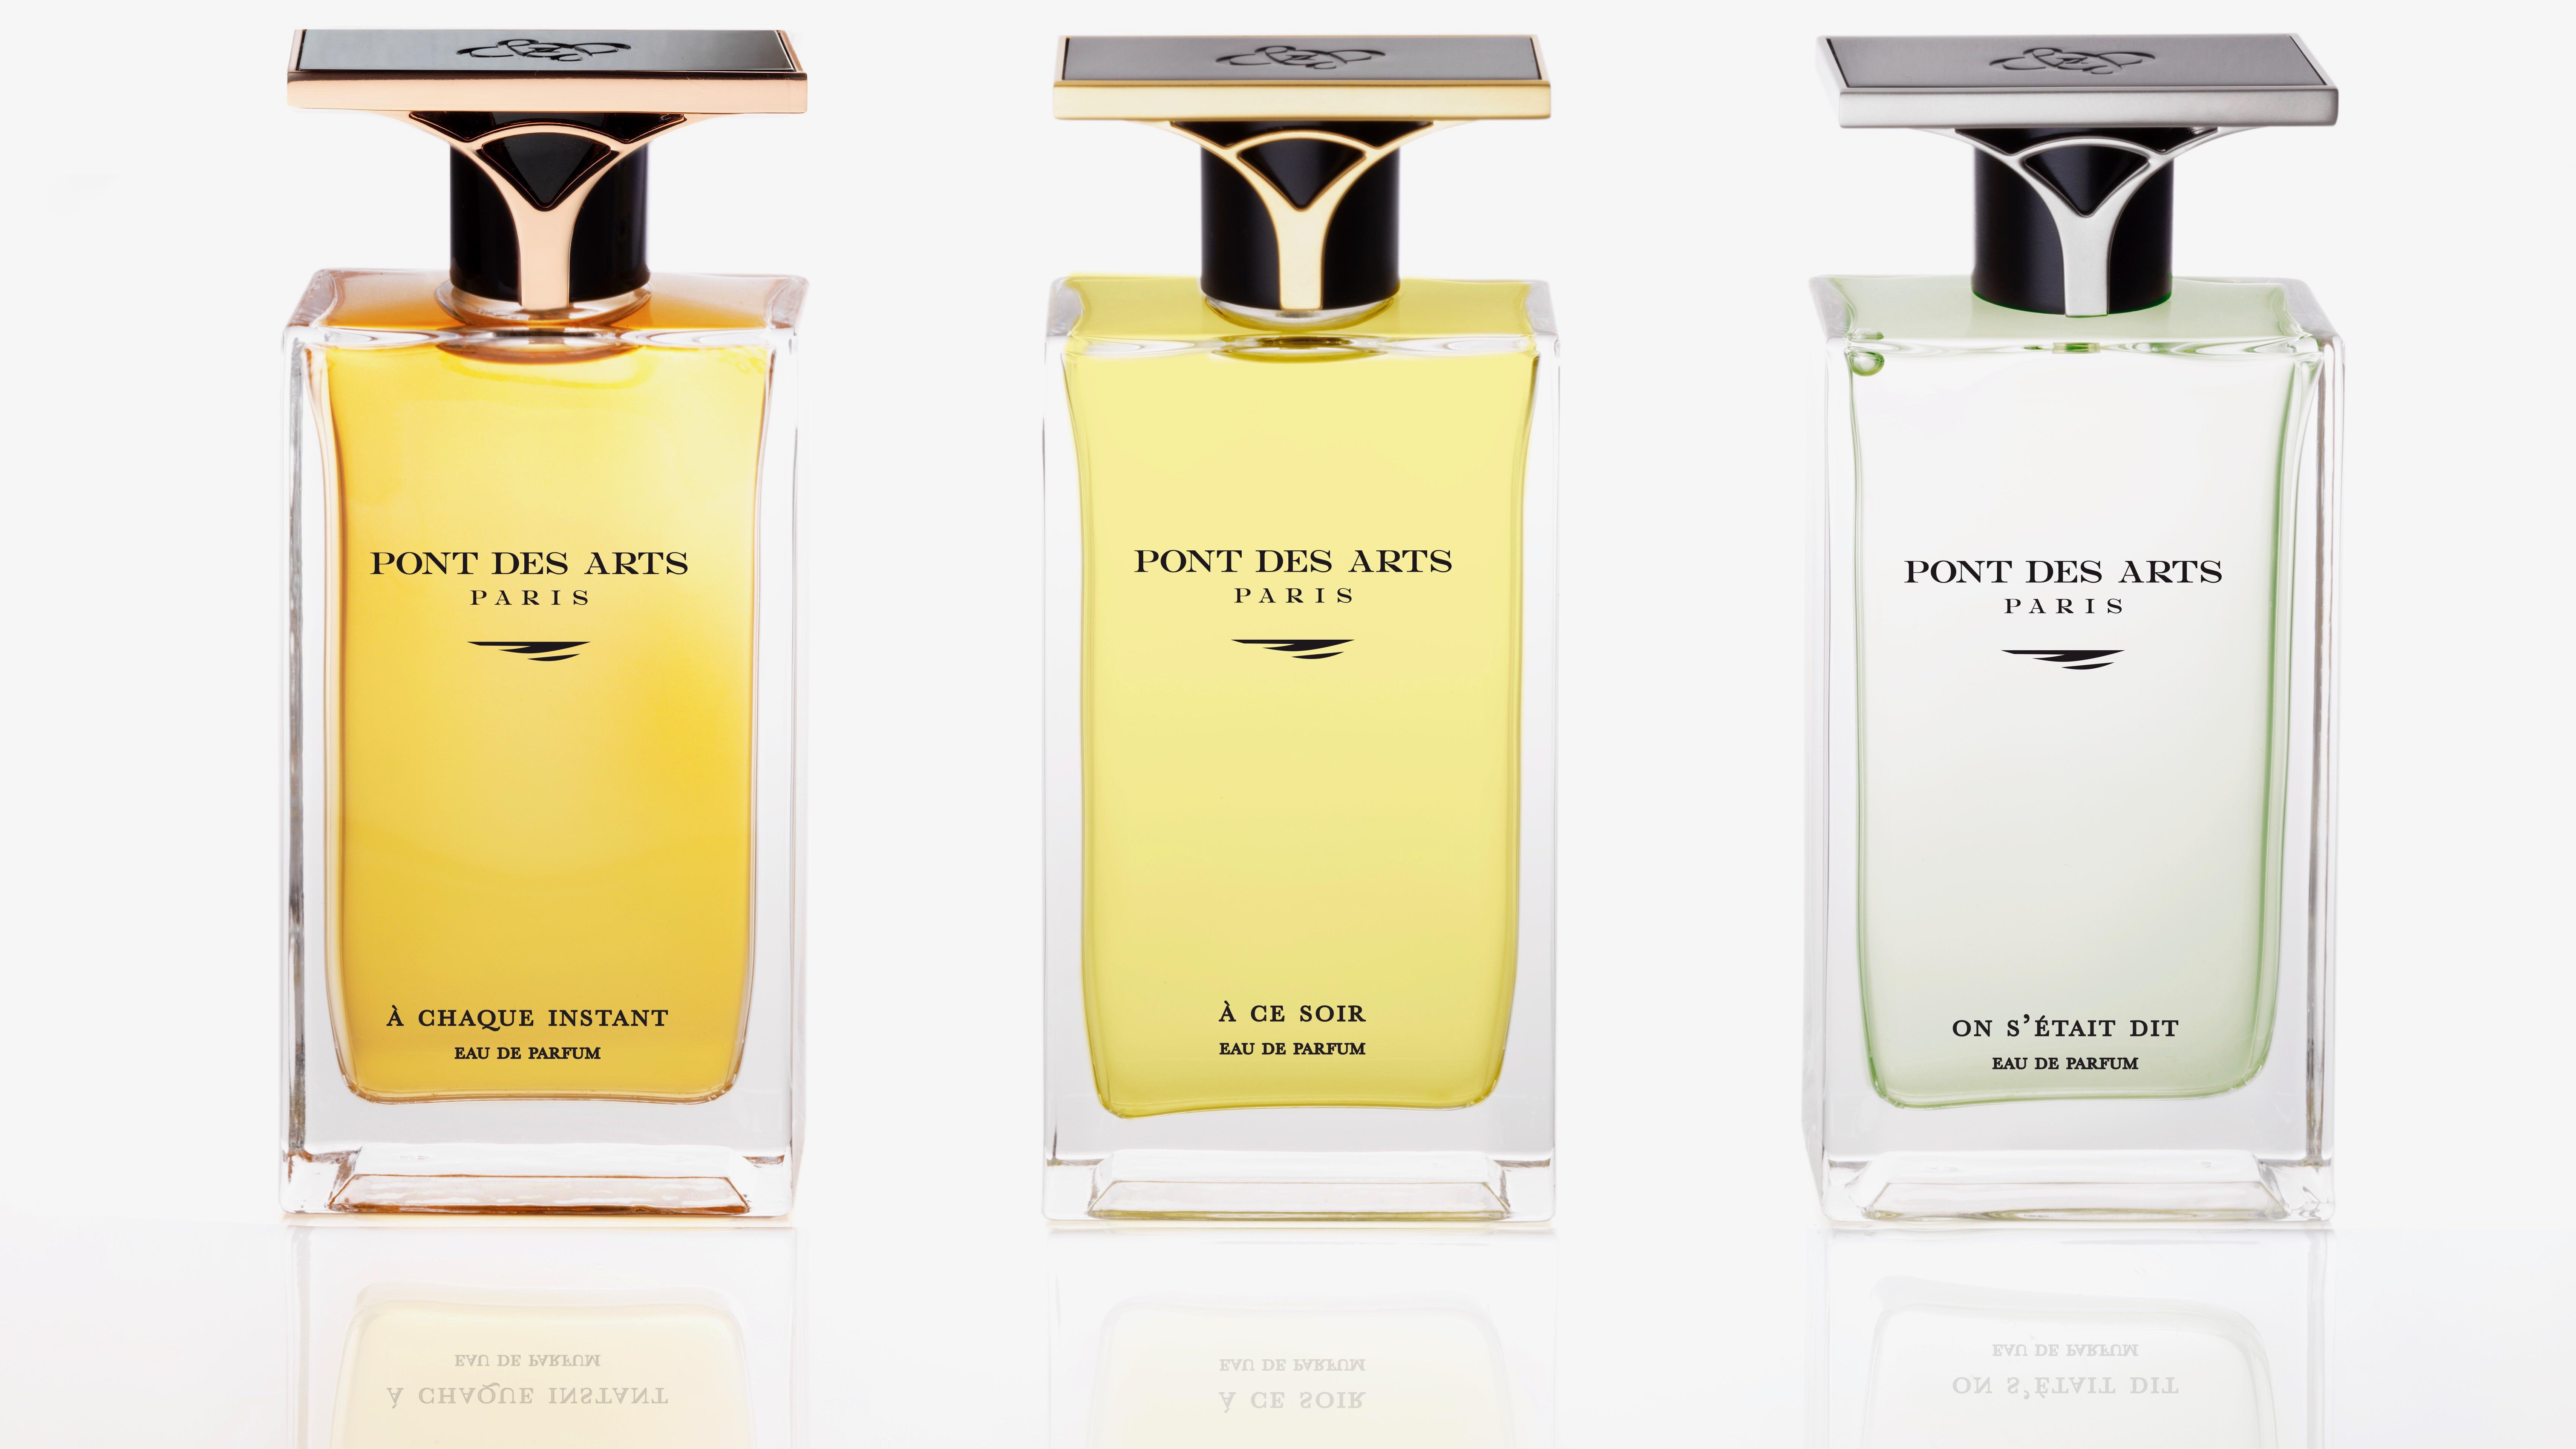 La collection de parfums d'auteurs Pont des Arts Paris